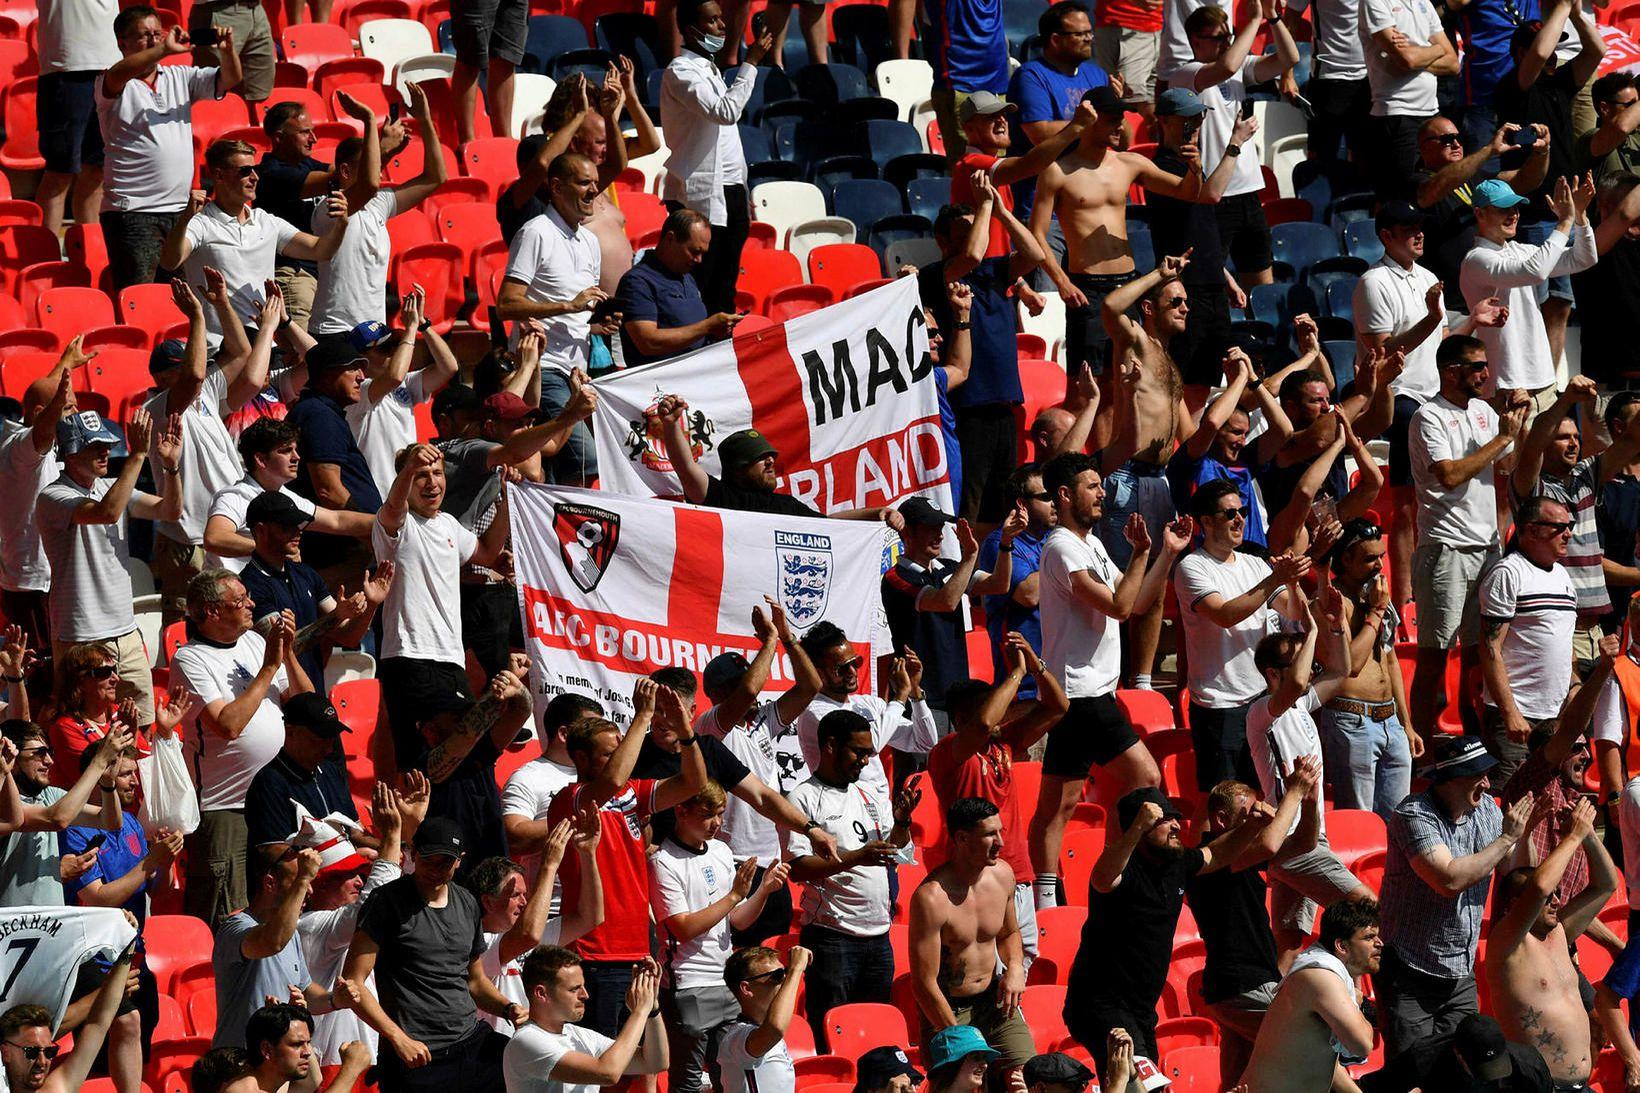 Áhorfendur á Wembley í gær voru 22.500 en leyfilegt var …